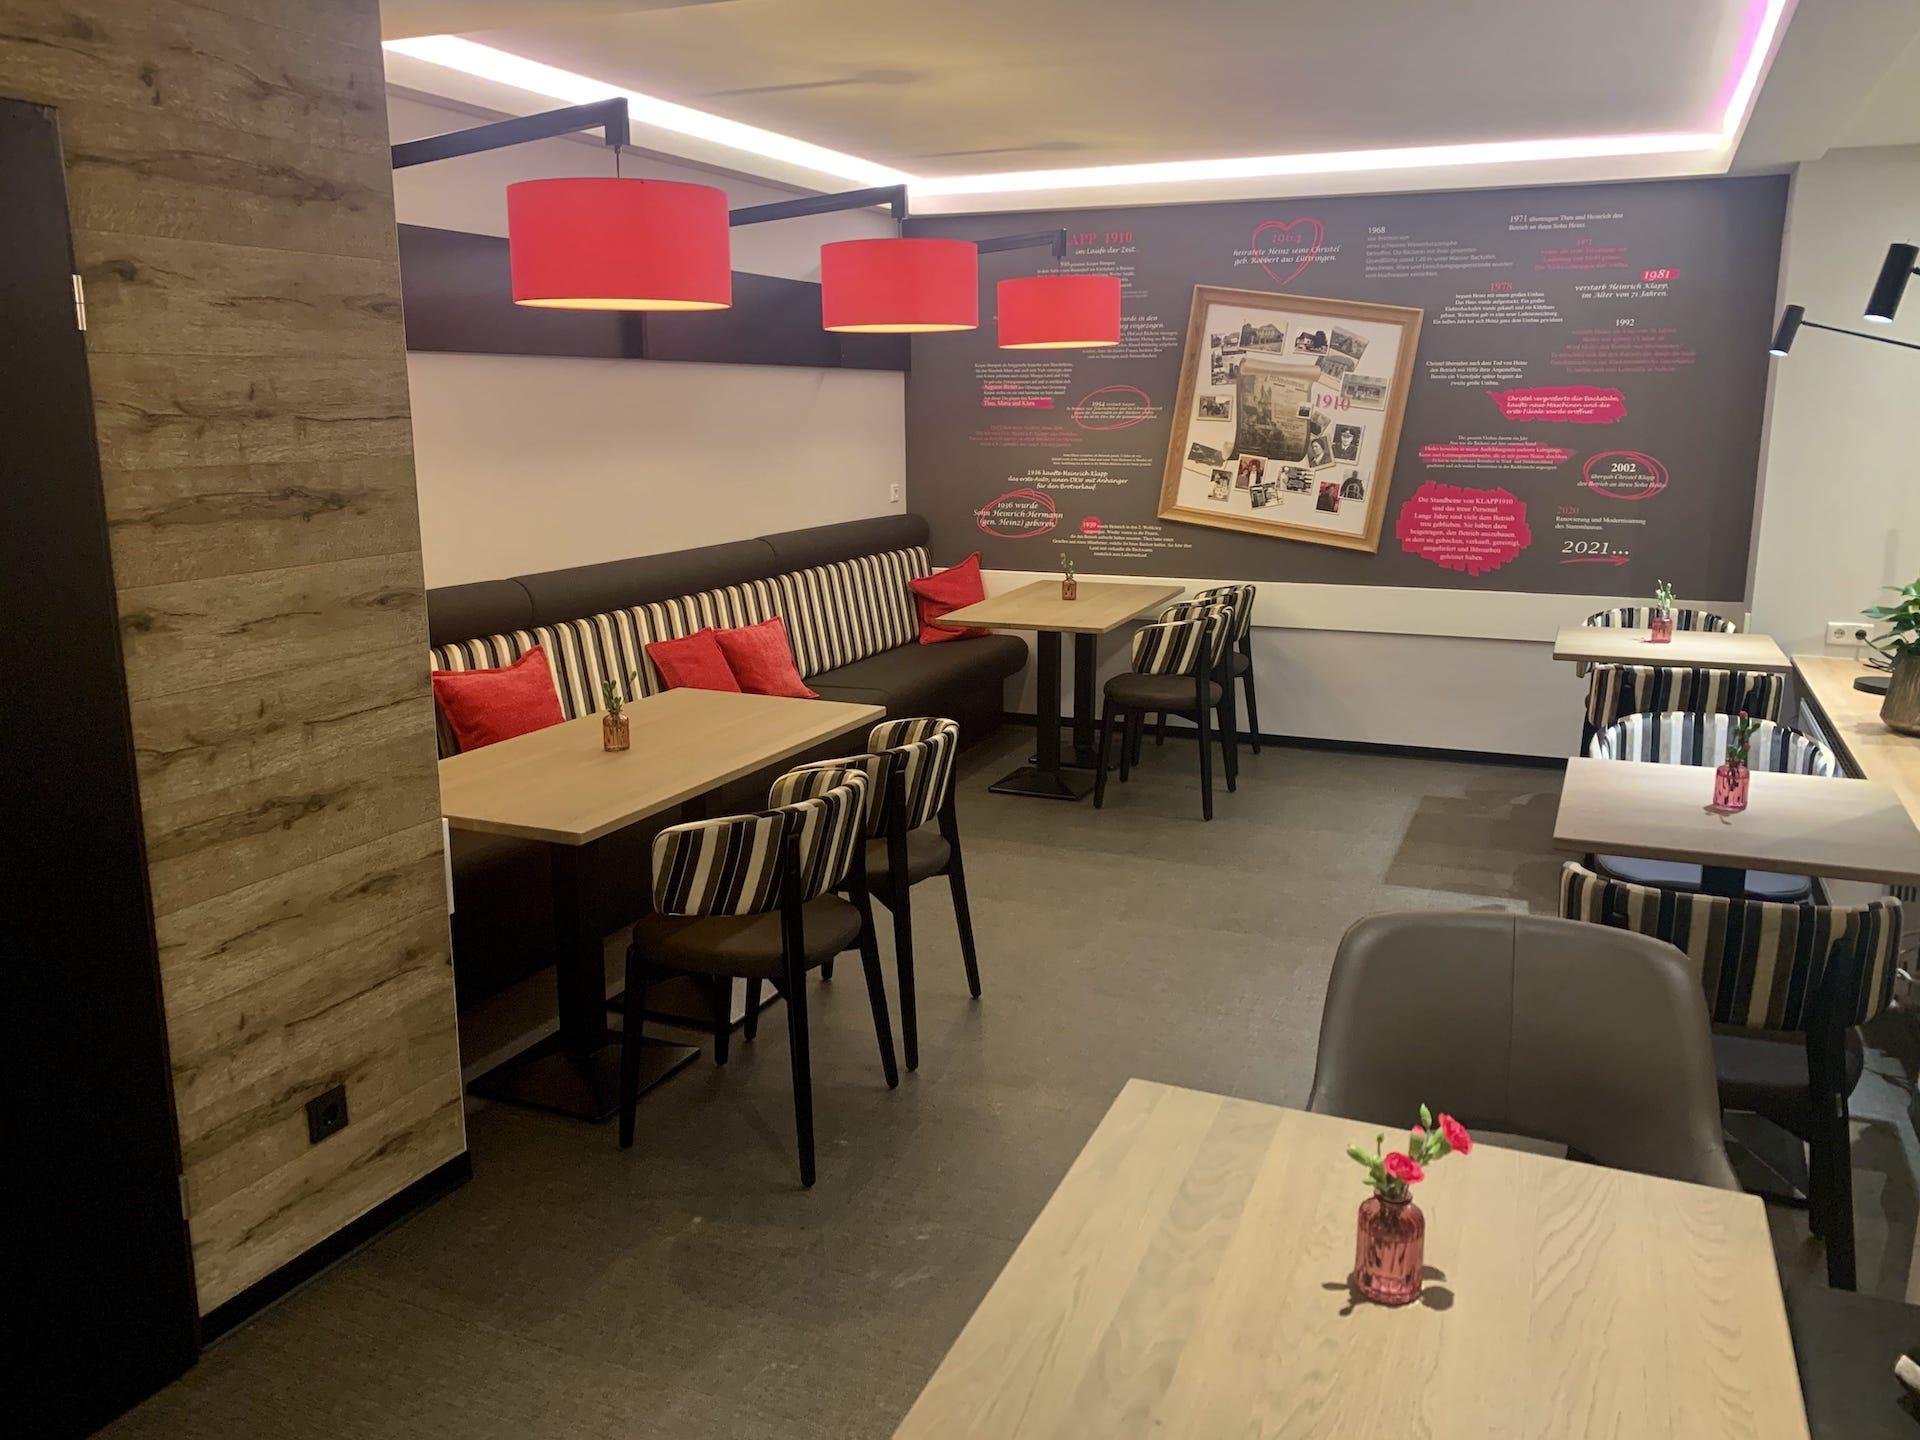 Klapp1910 Umbau 00039 - KLAPP1910 Stammhaus im neuen Design wiedereröffnet